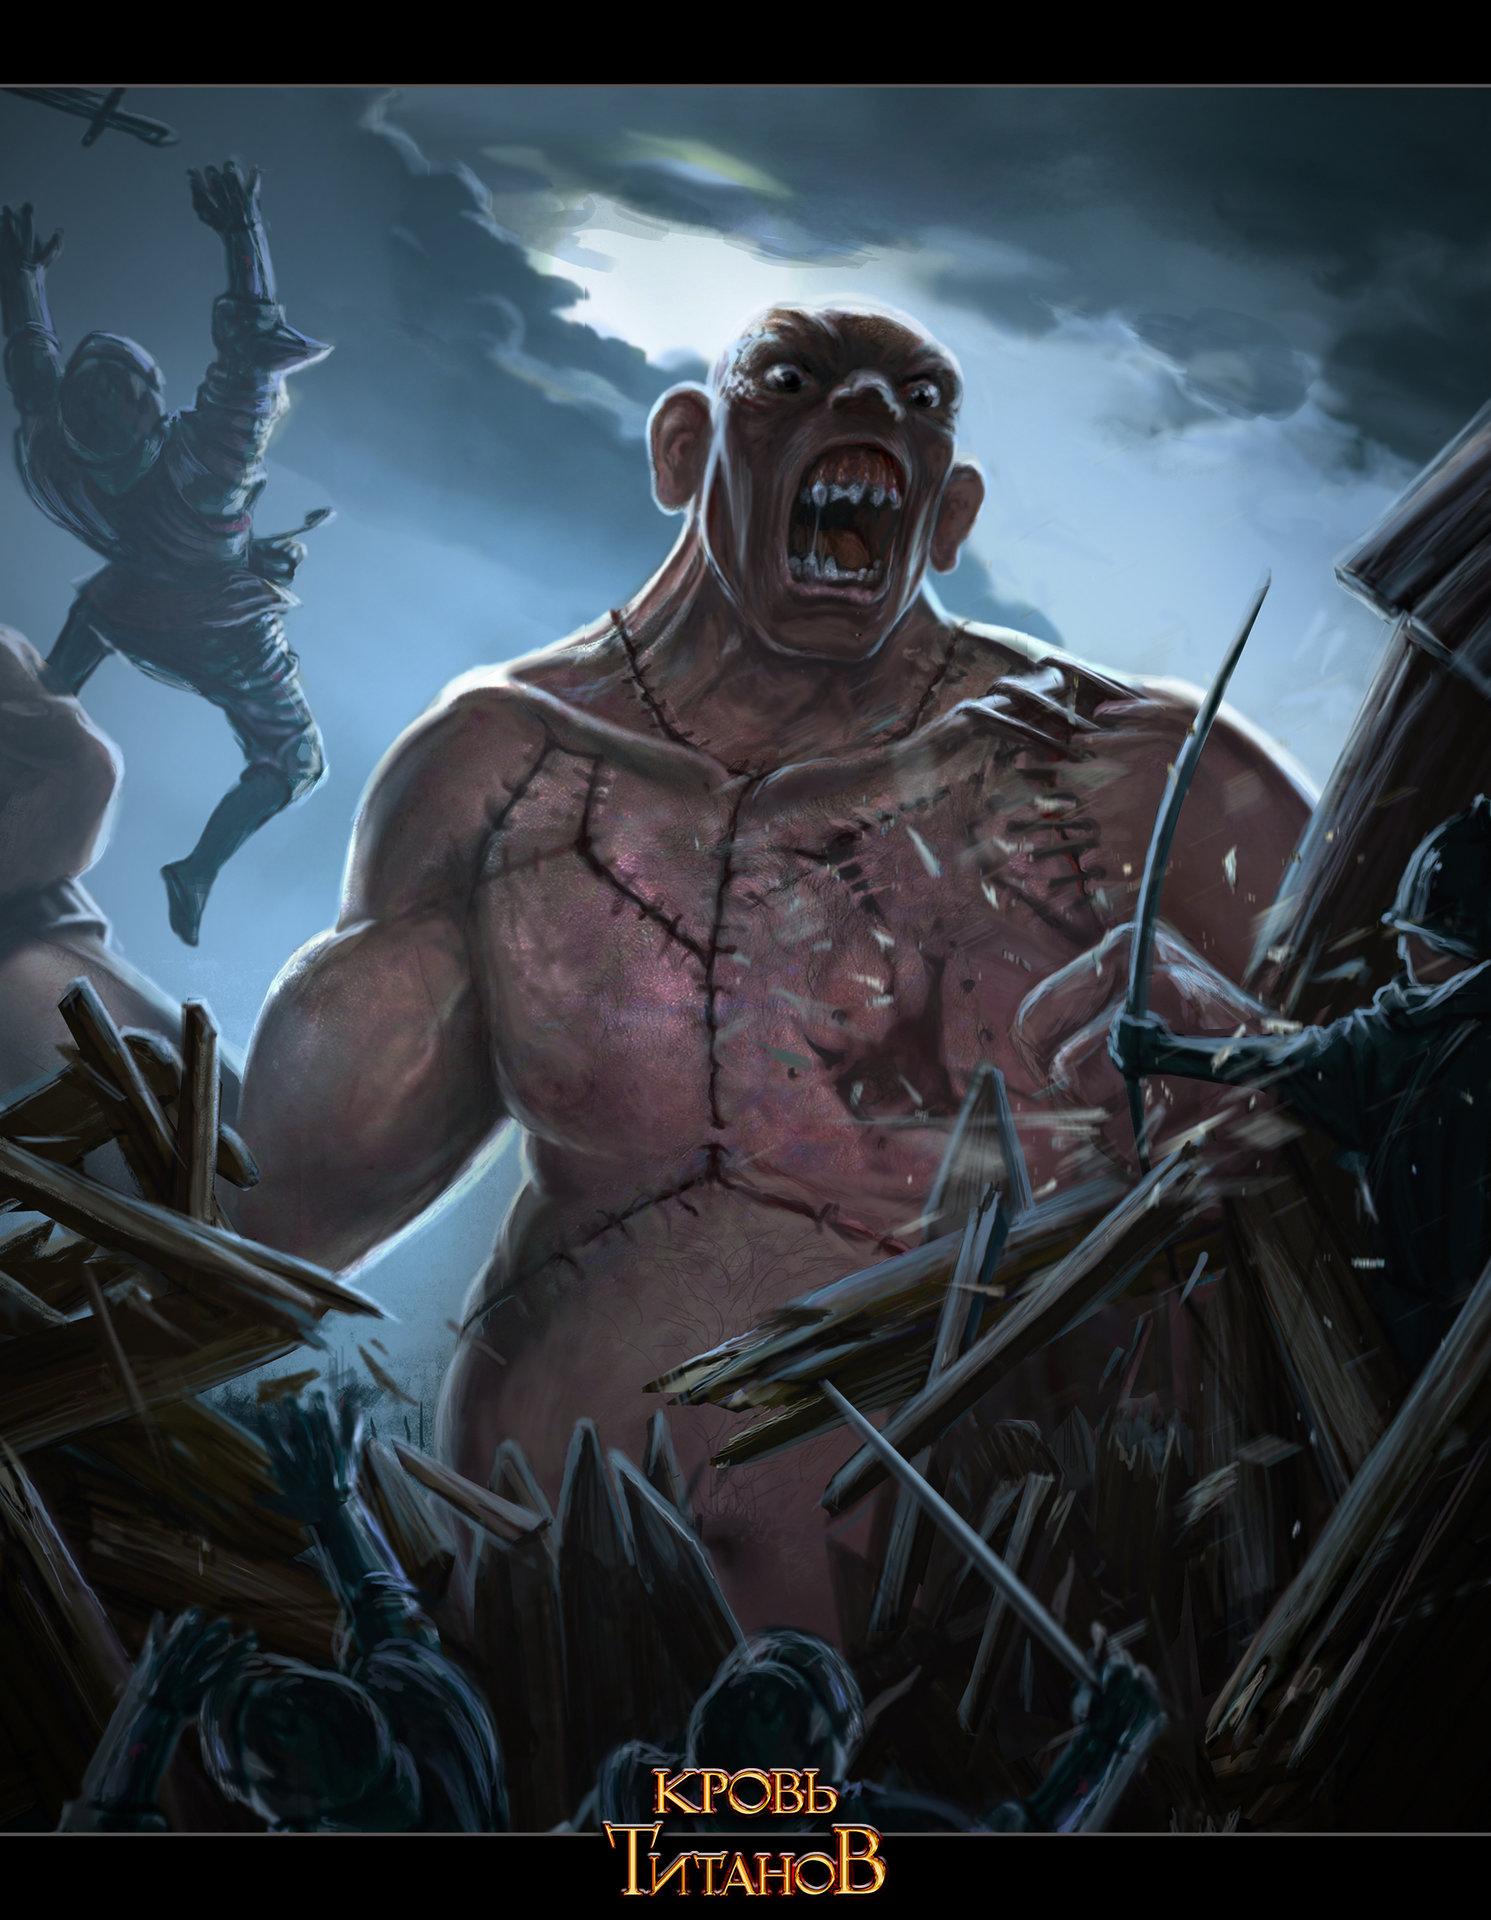 Картинки кровь титанов